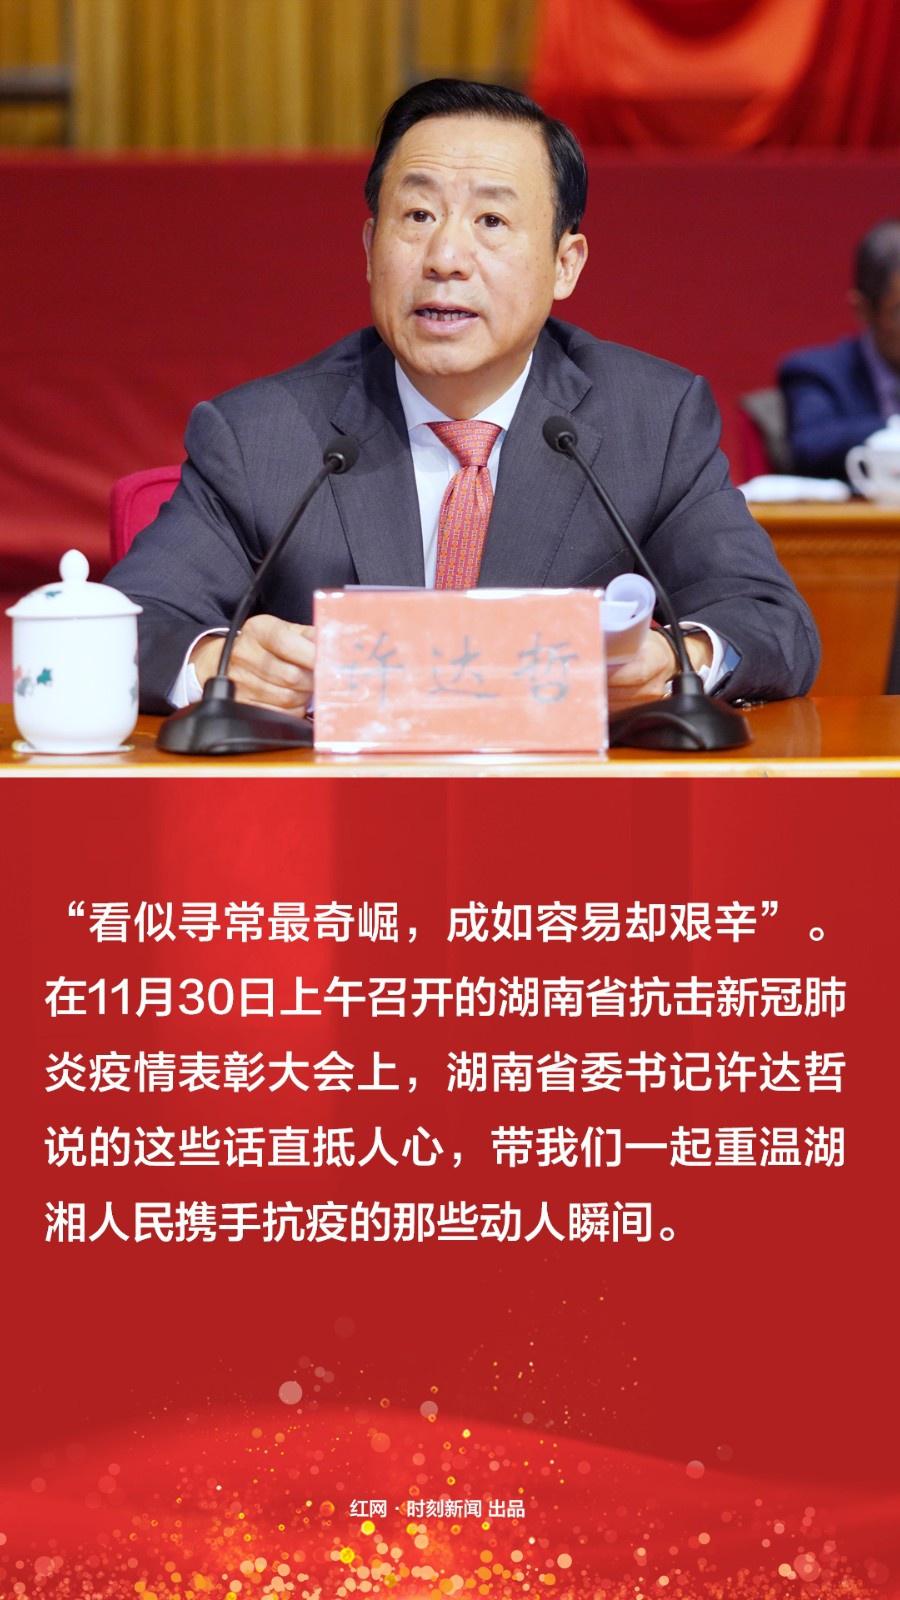 海报丨湖南抗击新冠肺炎疫情表彰大会上,许达哲这些话直抵人心